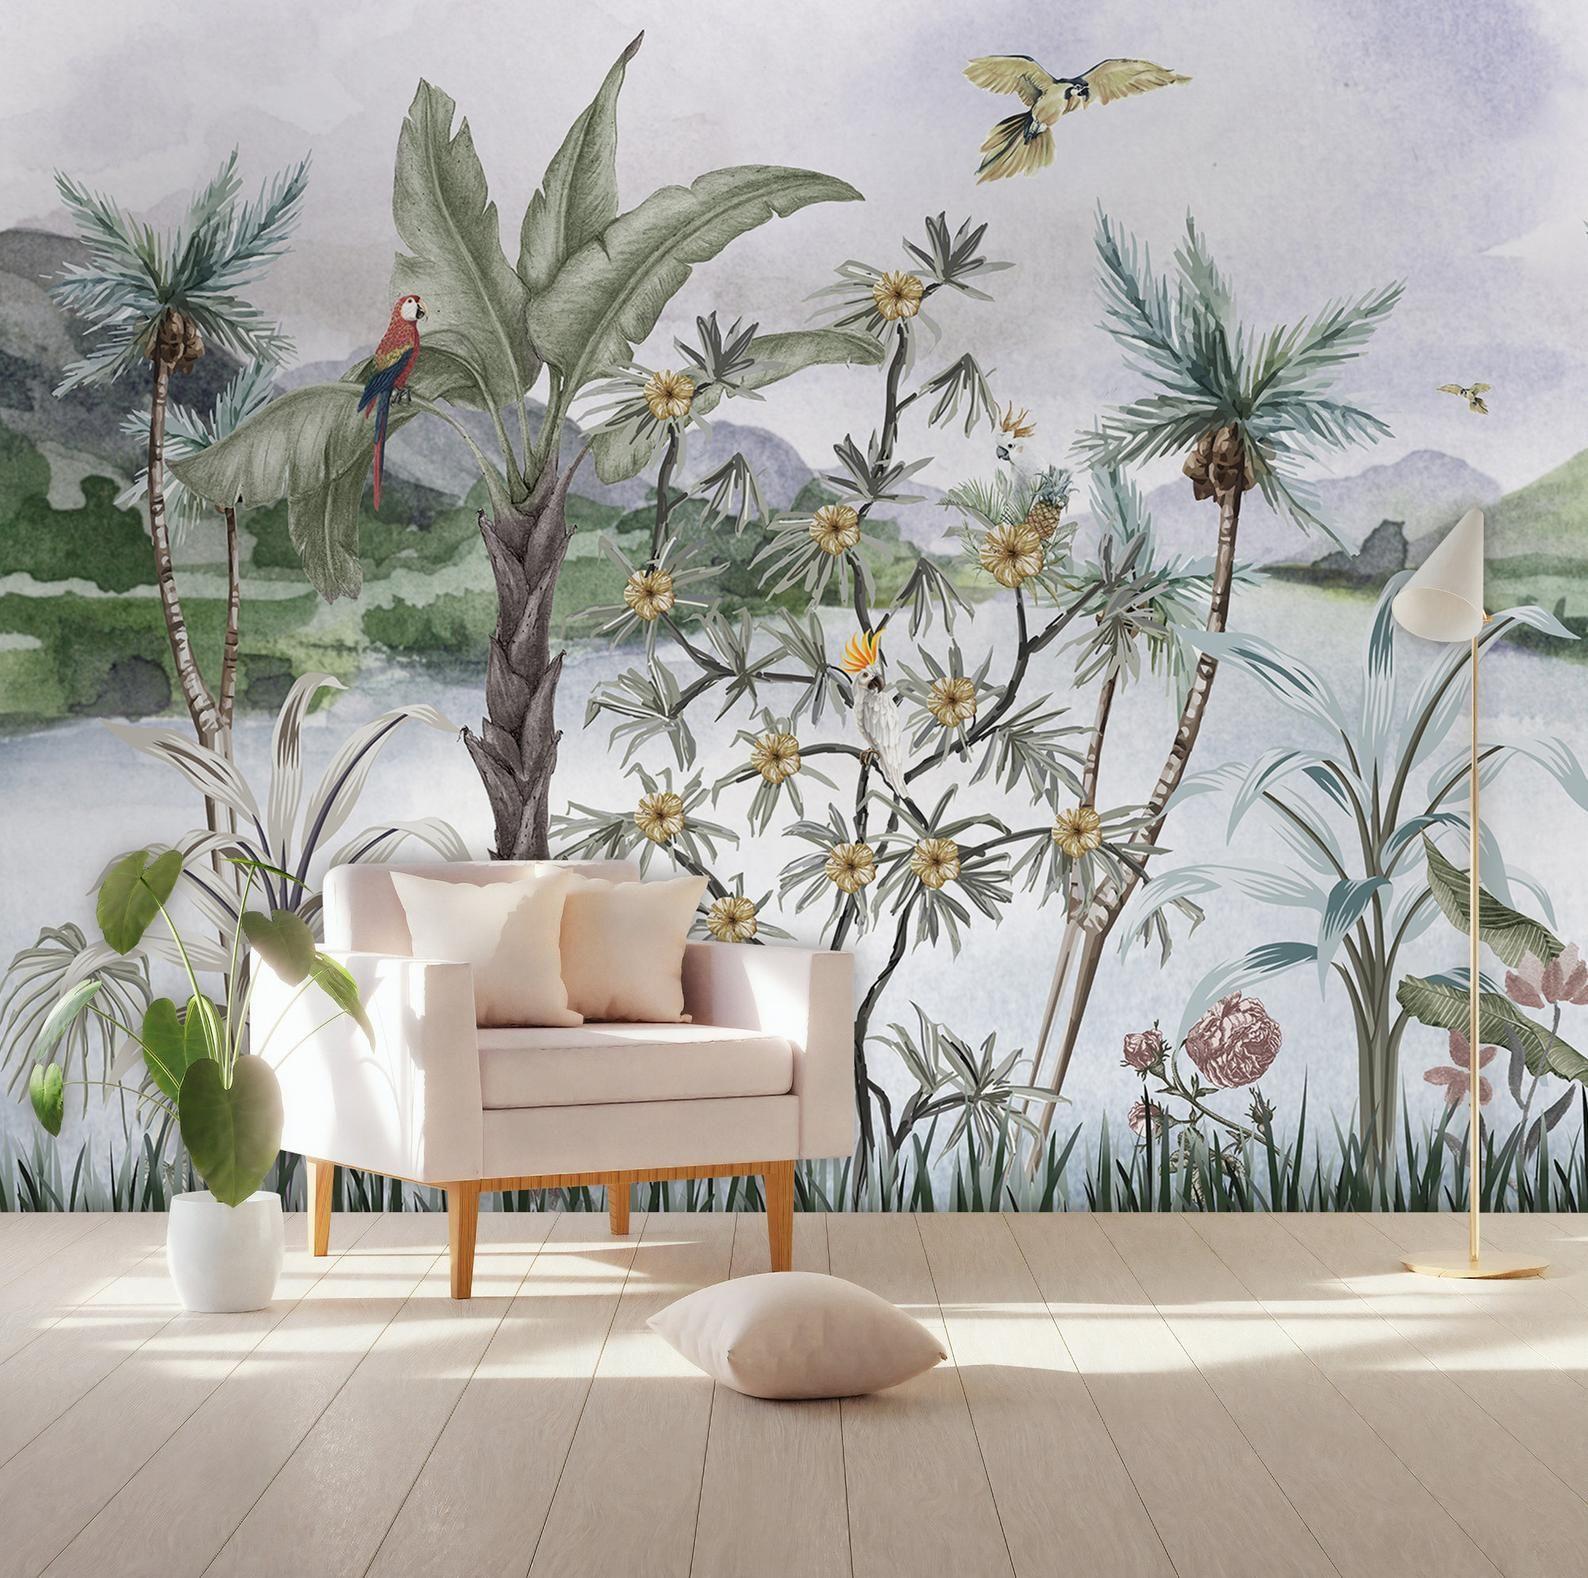 Tropical Wallpaper Self Adhesive Peel And Stick River Etsy In 2020 Tropical Wallpaper Landscape Walls Wallpaper